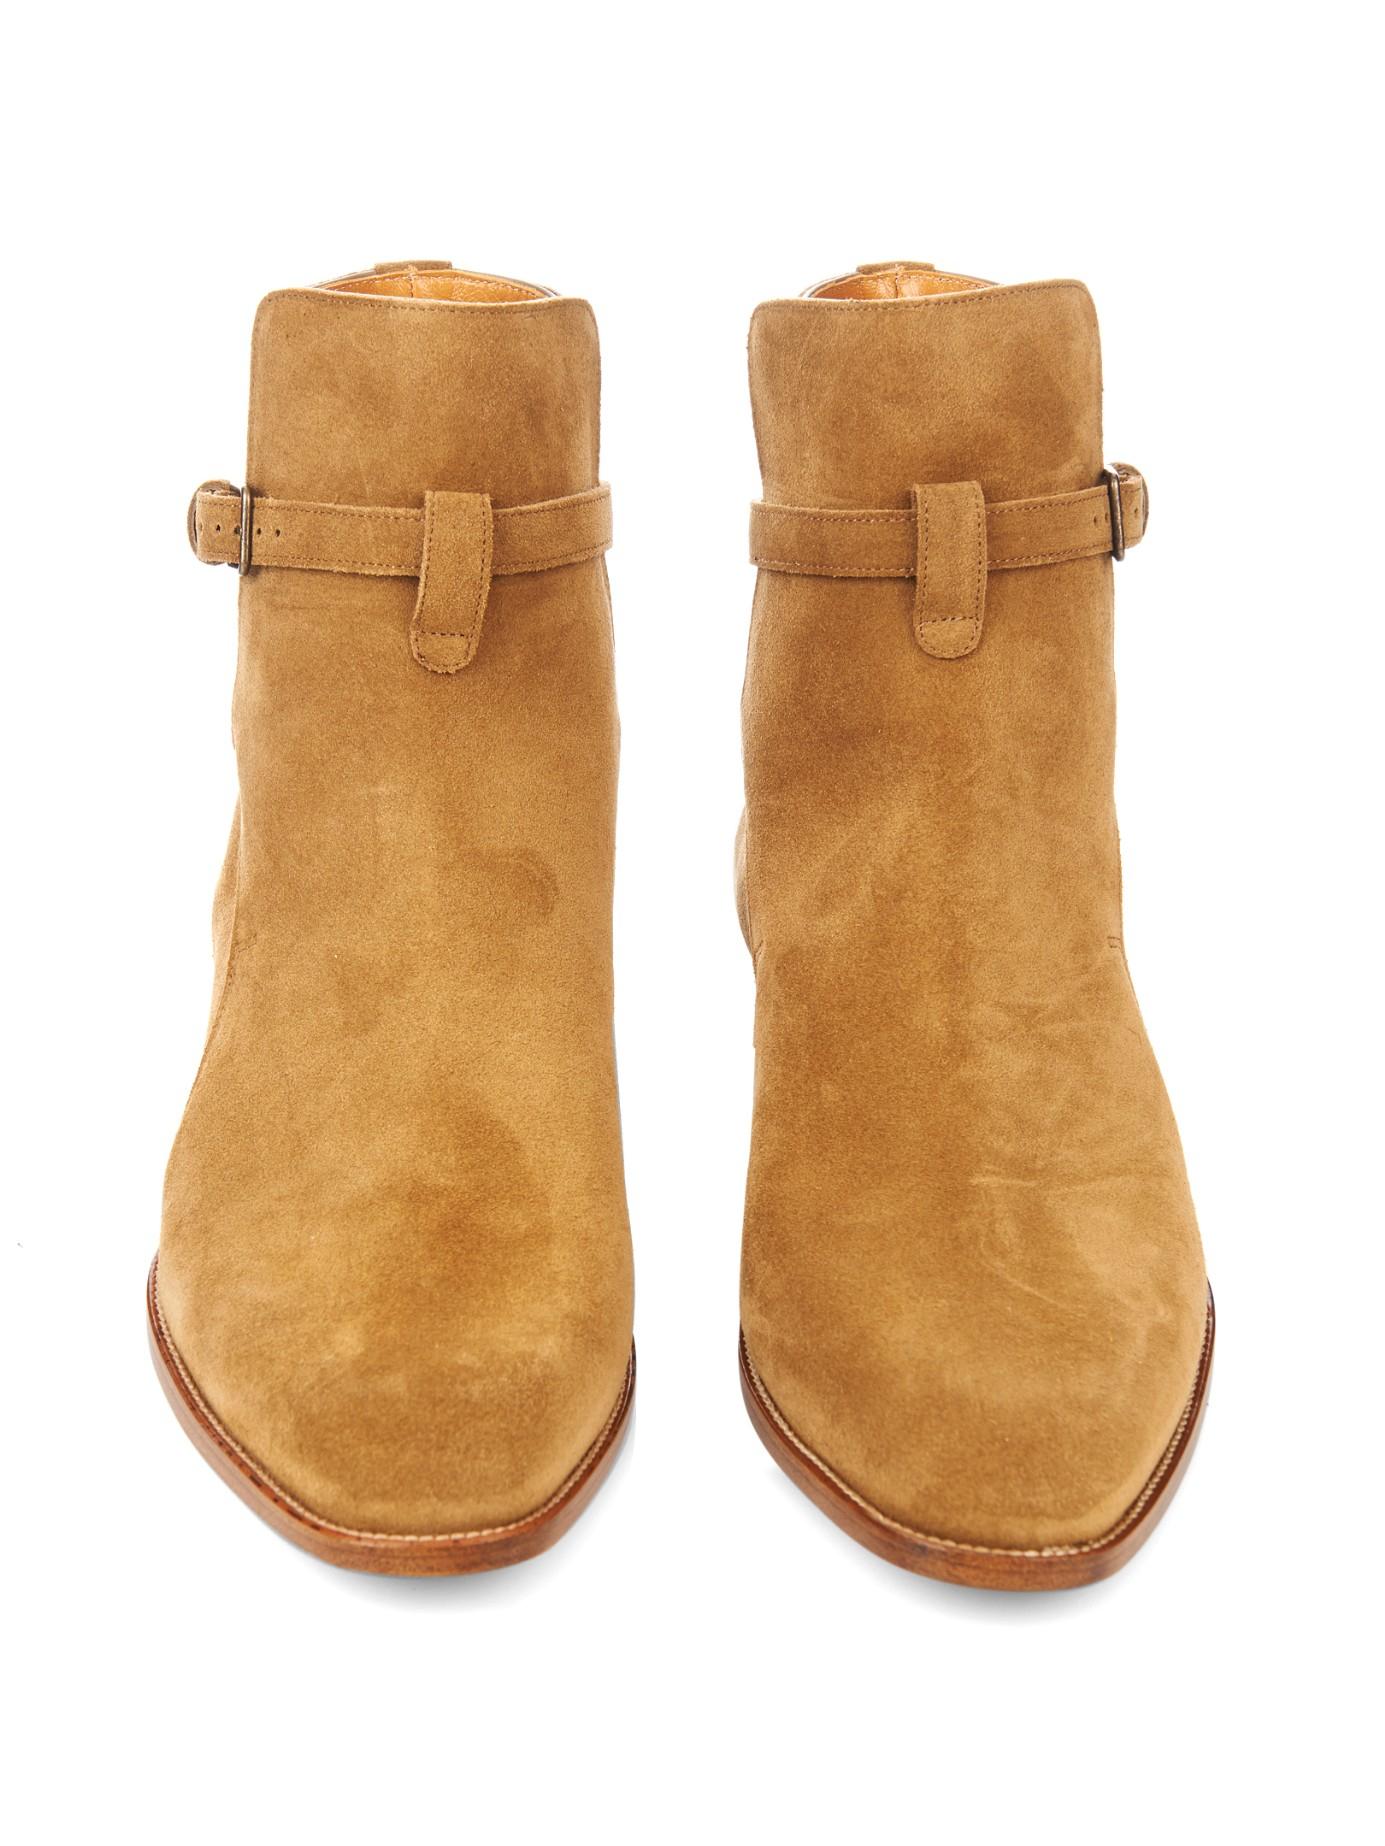 Lyst Saint Laurent Suede Chelsea Boots In Brown For Men